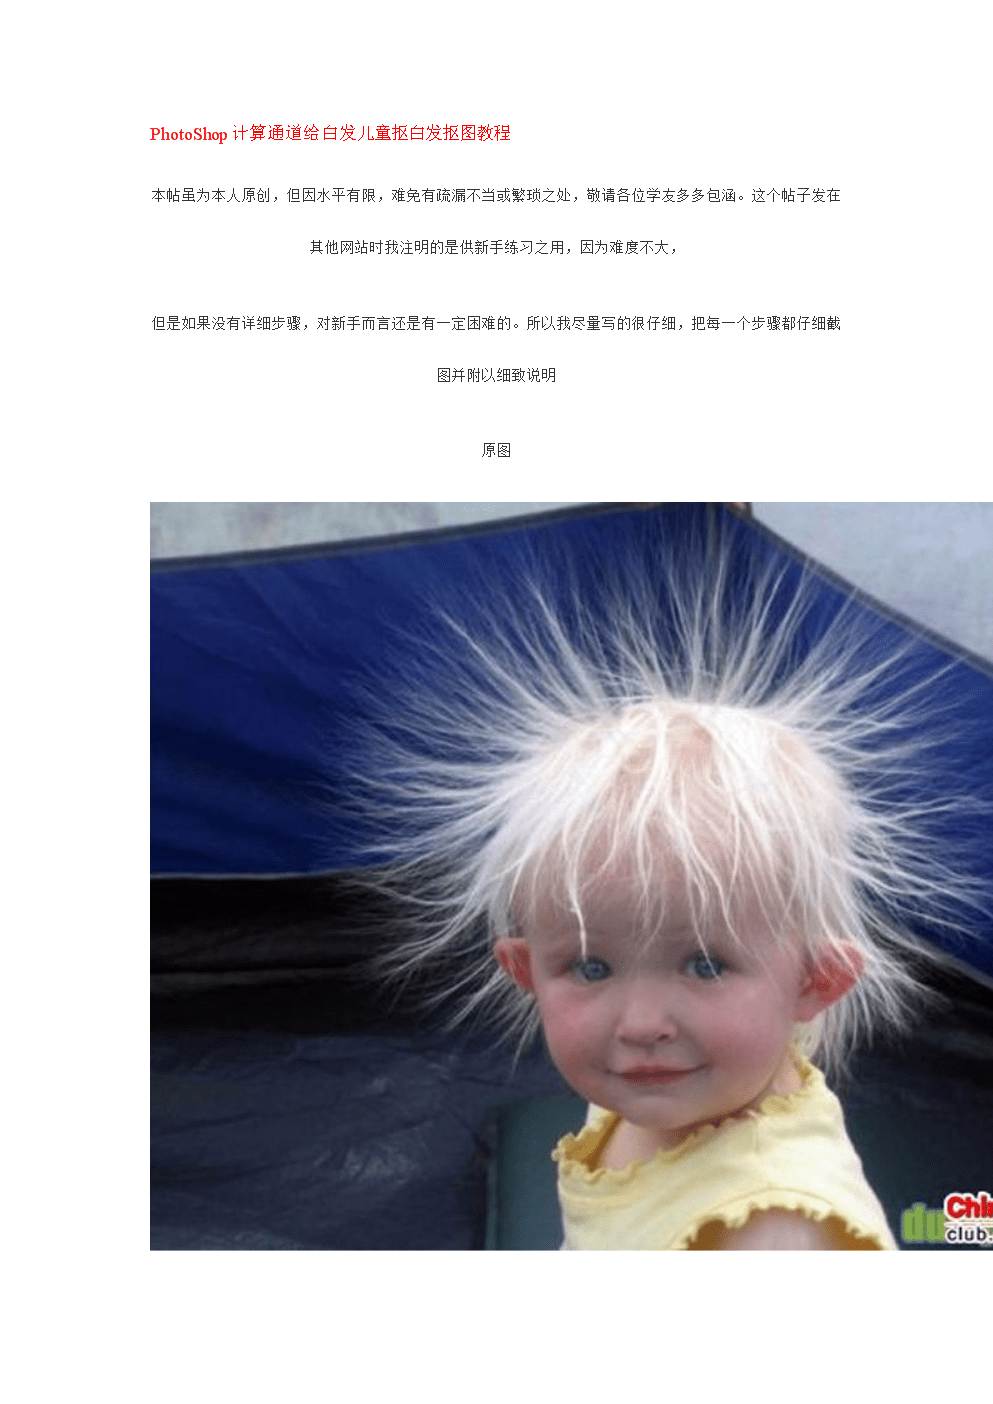 PhotoShop计算通道给白发儿童抠白发抠图教程.doc